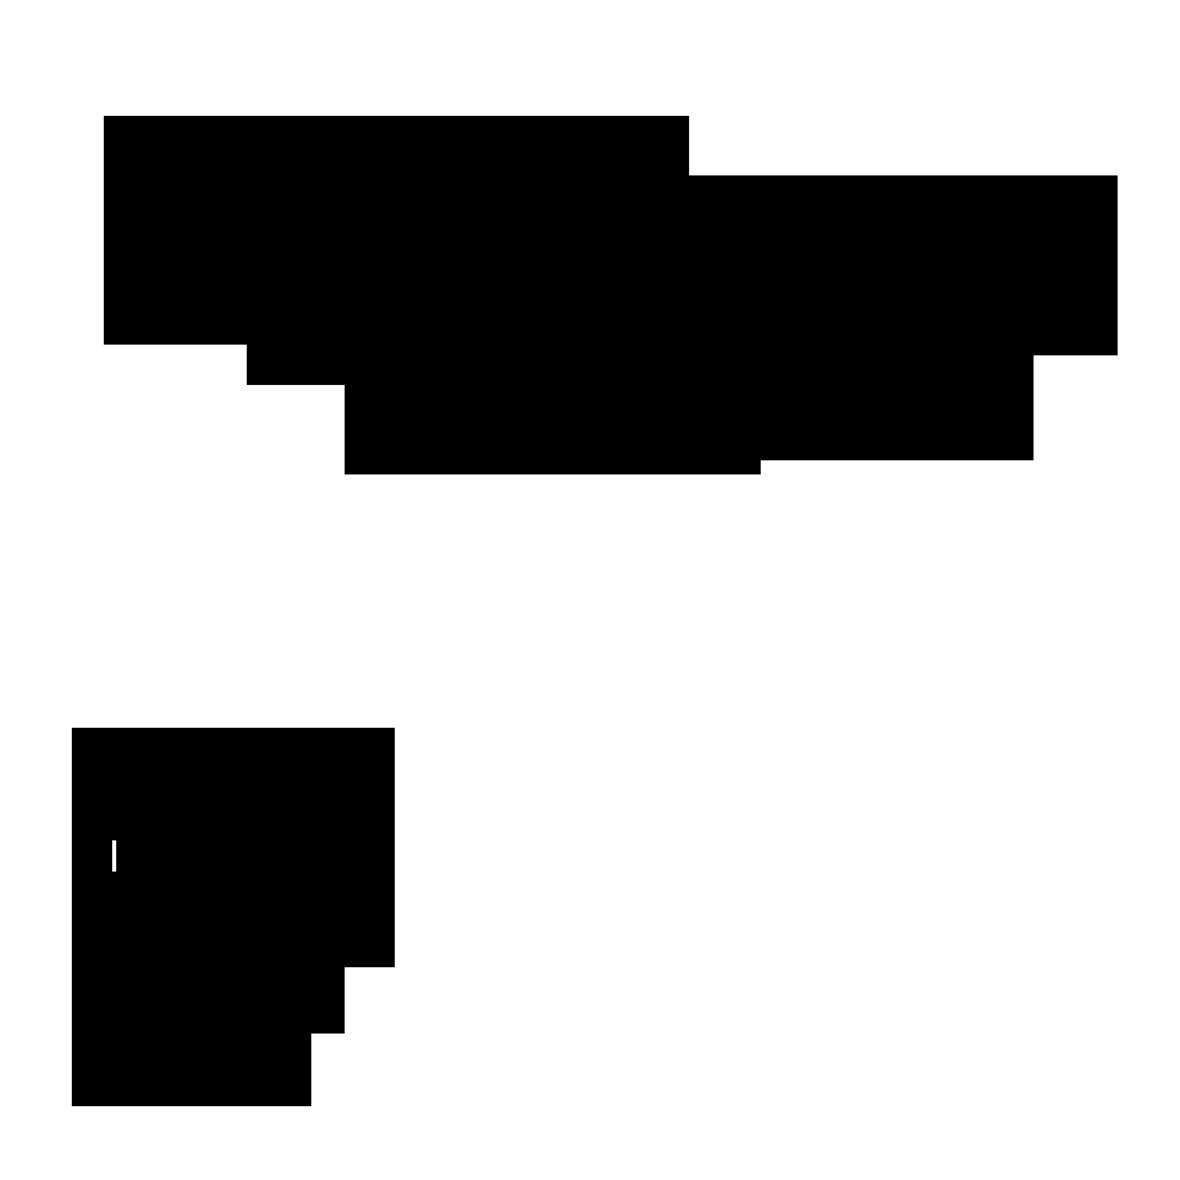 Grundriss Regelgeschosse 2-5